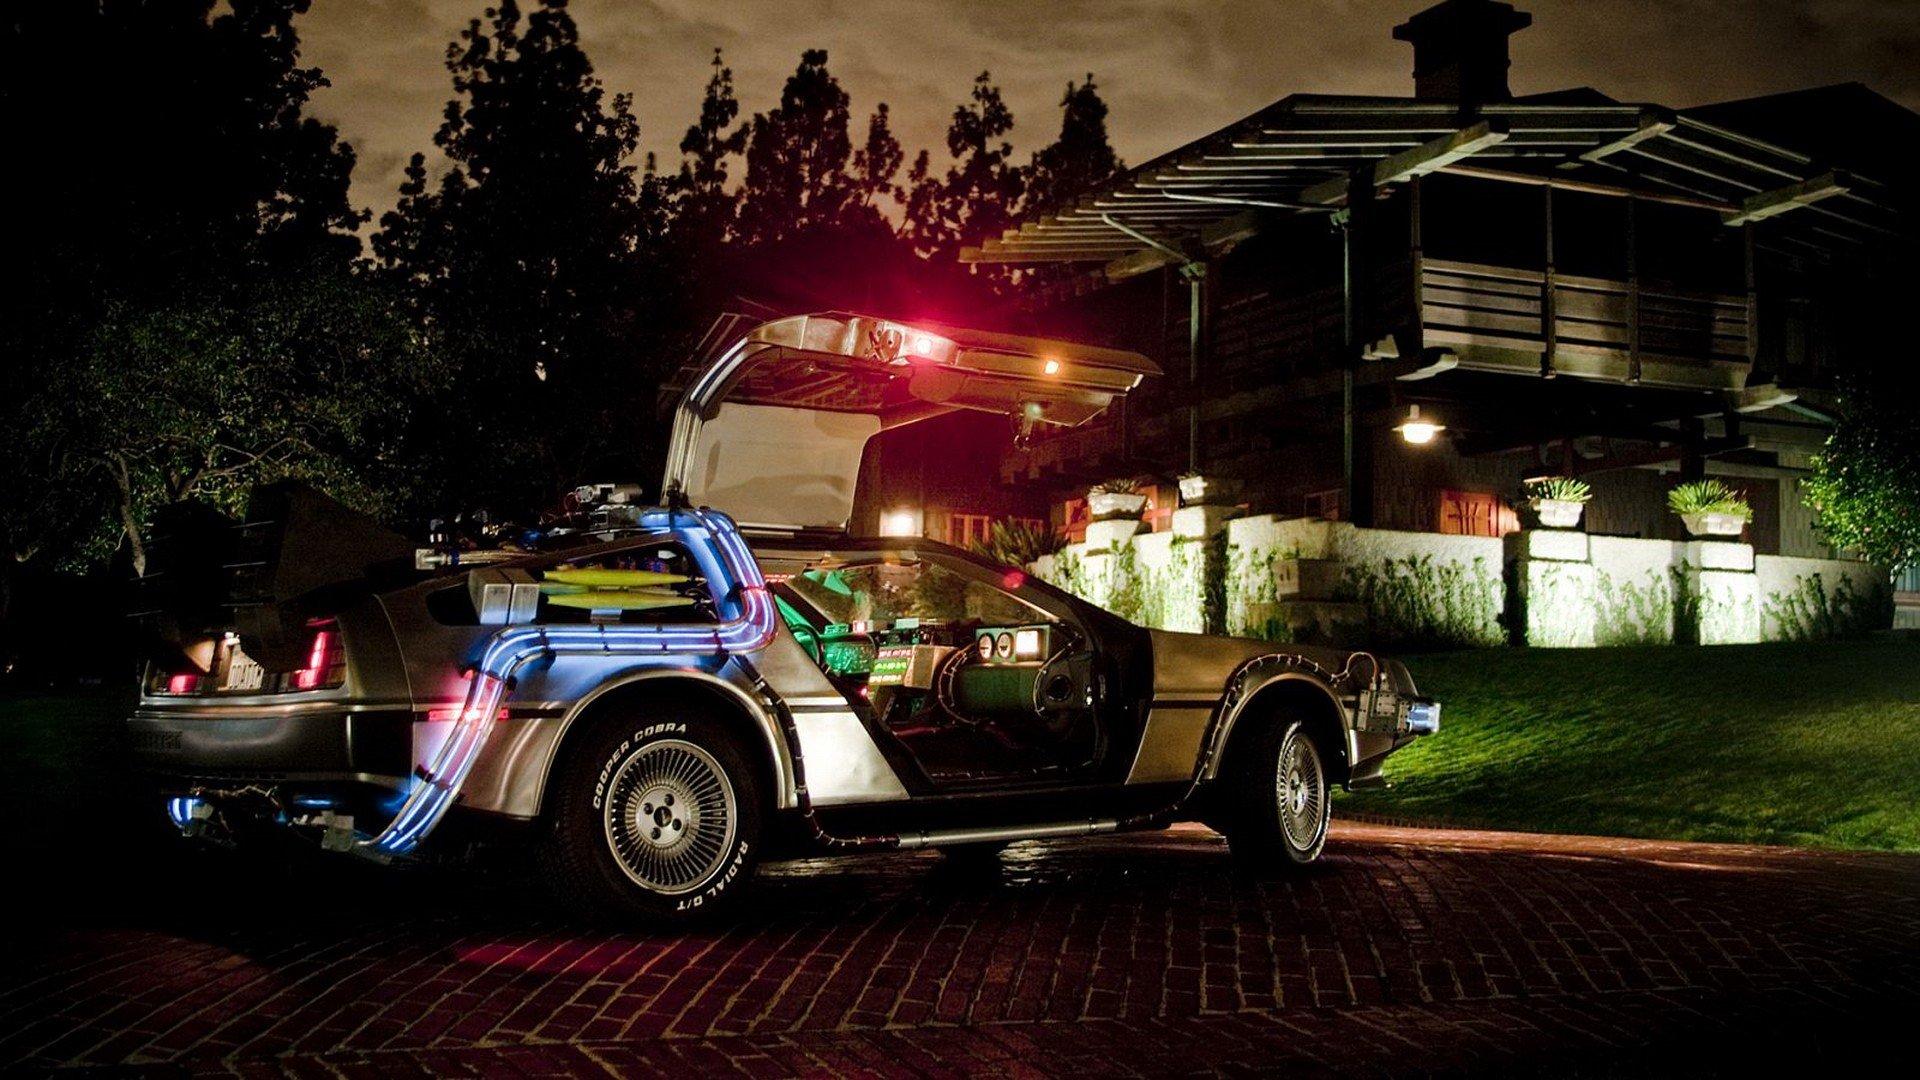 DeLorean Back Wallpaper 1920x1080 DeLorean Back To The Future 1920x1080